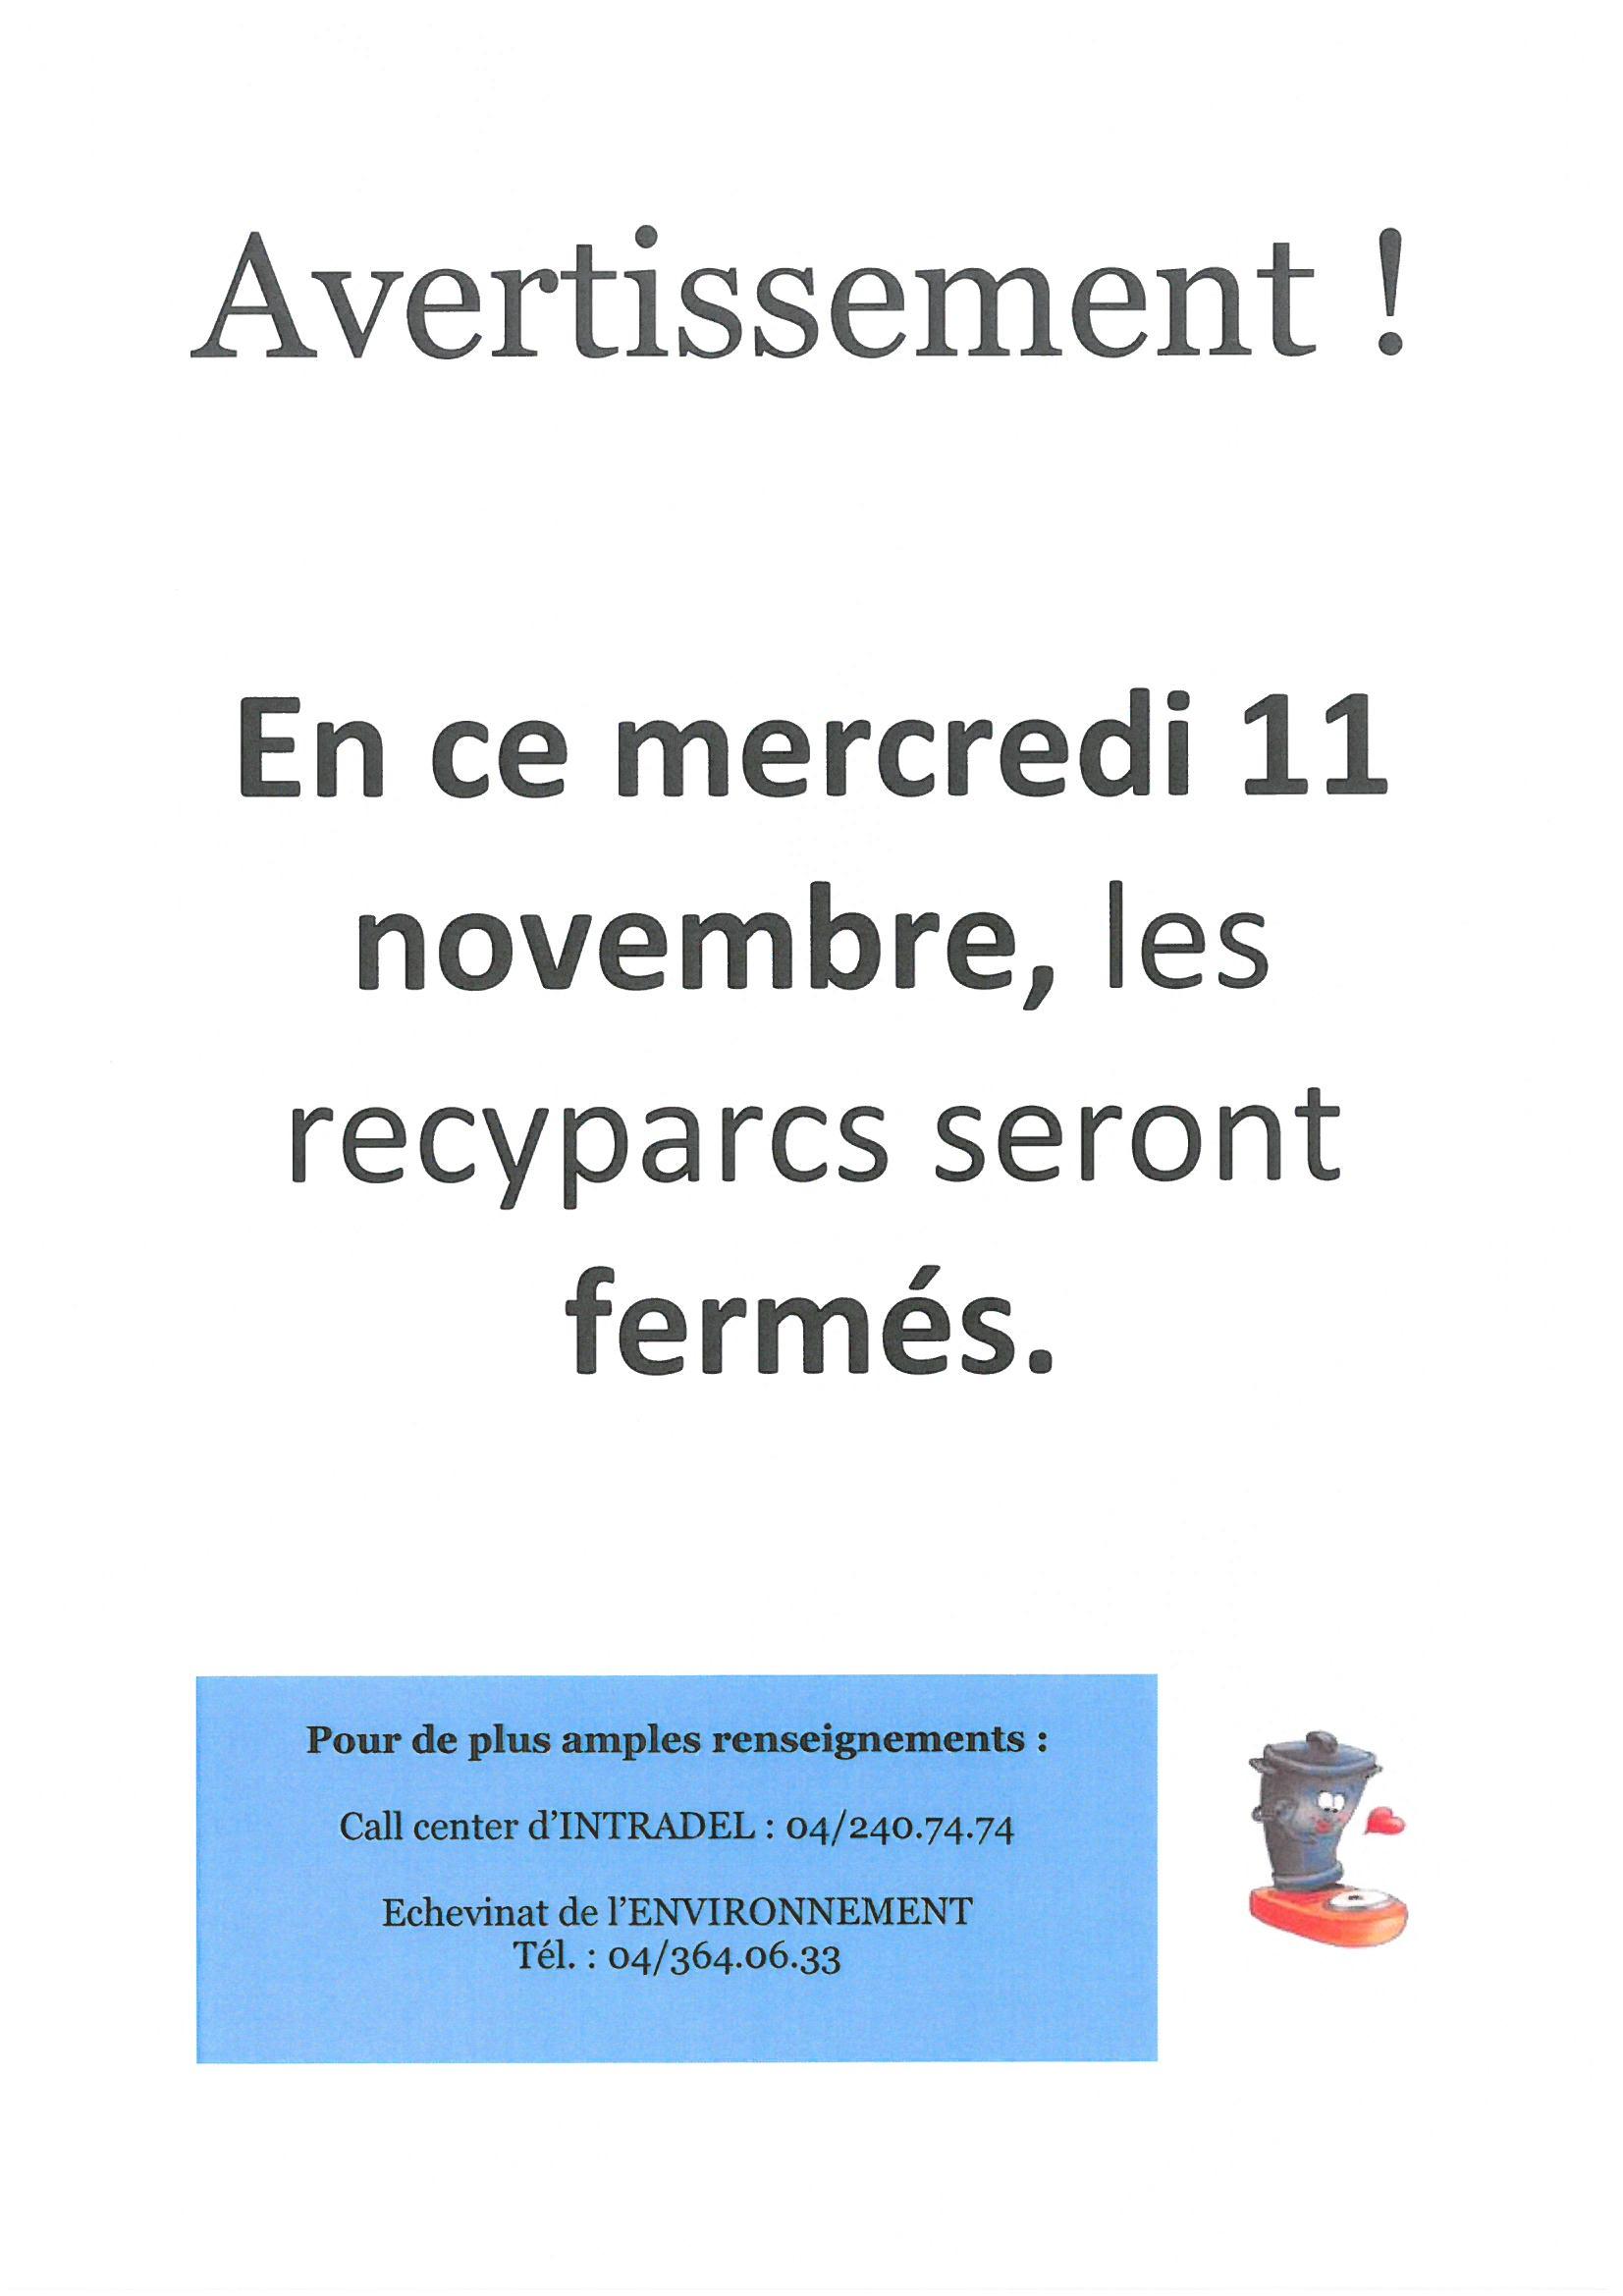 11 novembre - Fermeture des recyparcs